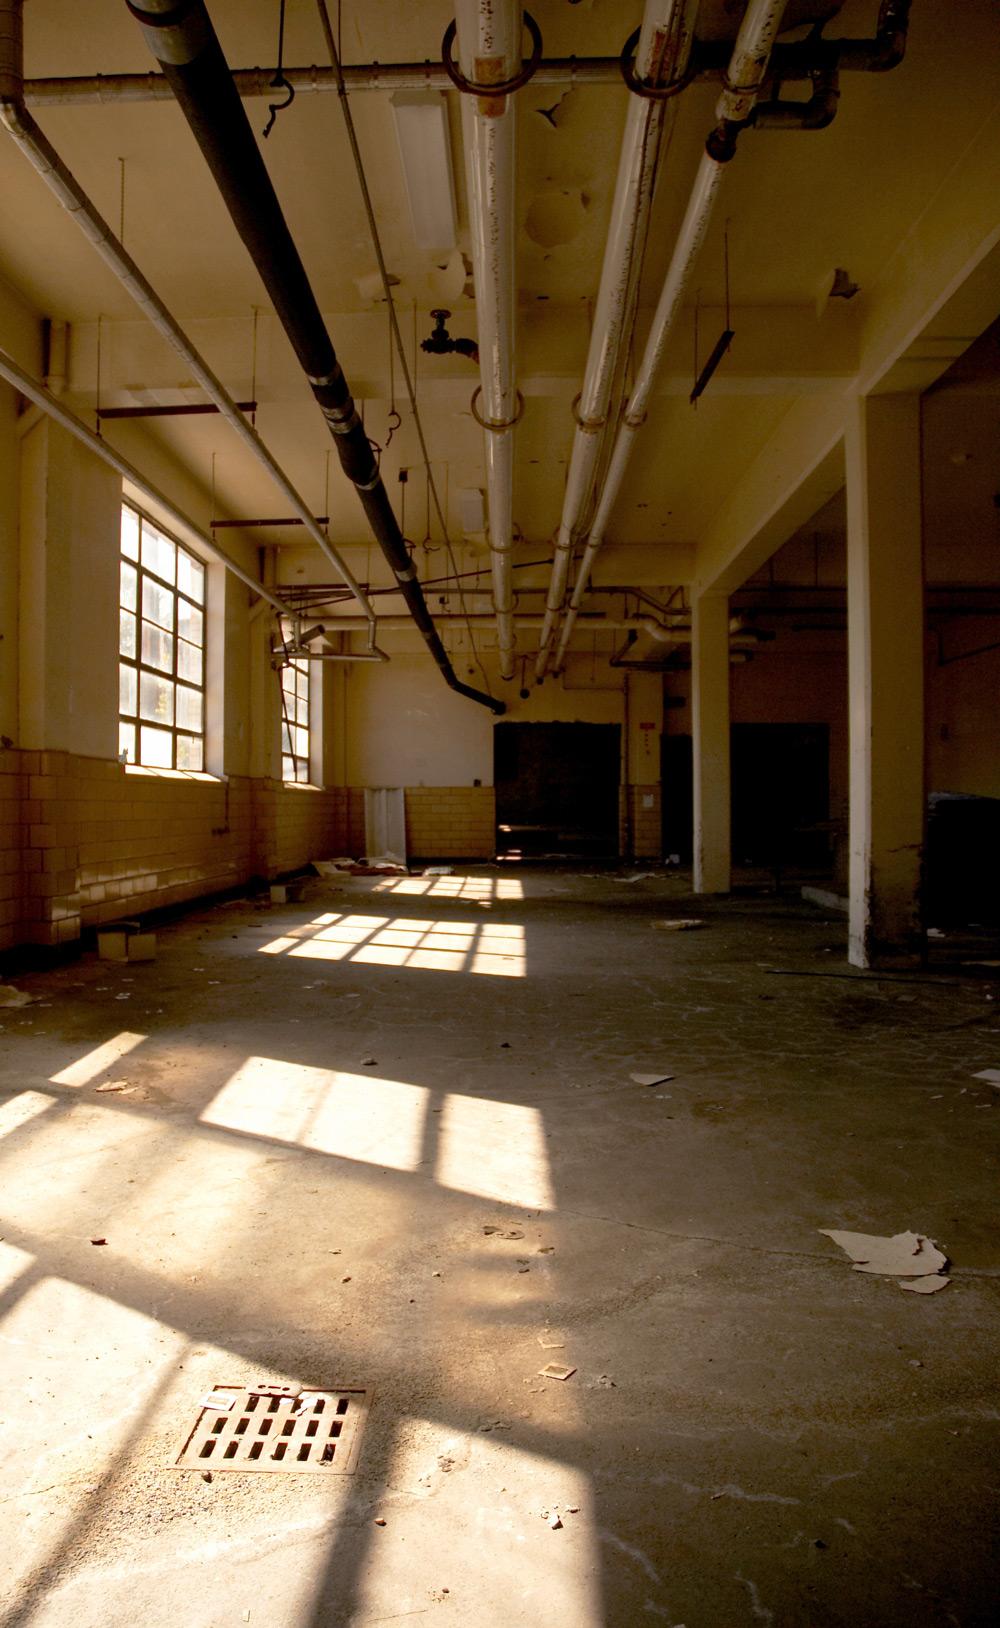 flav-o-rich-hallway_large_web.jpg